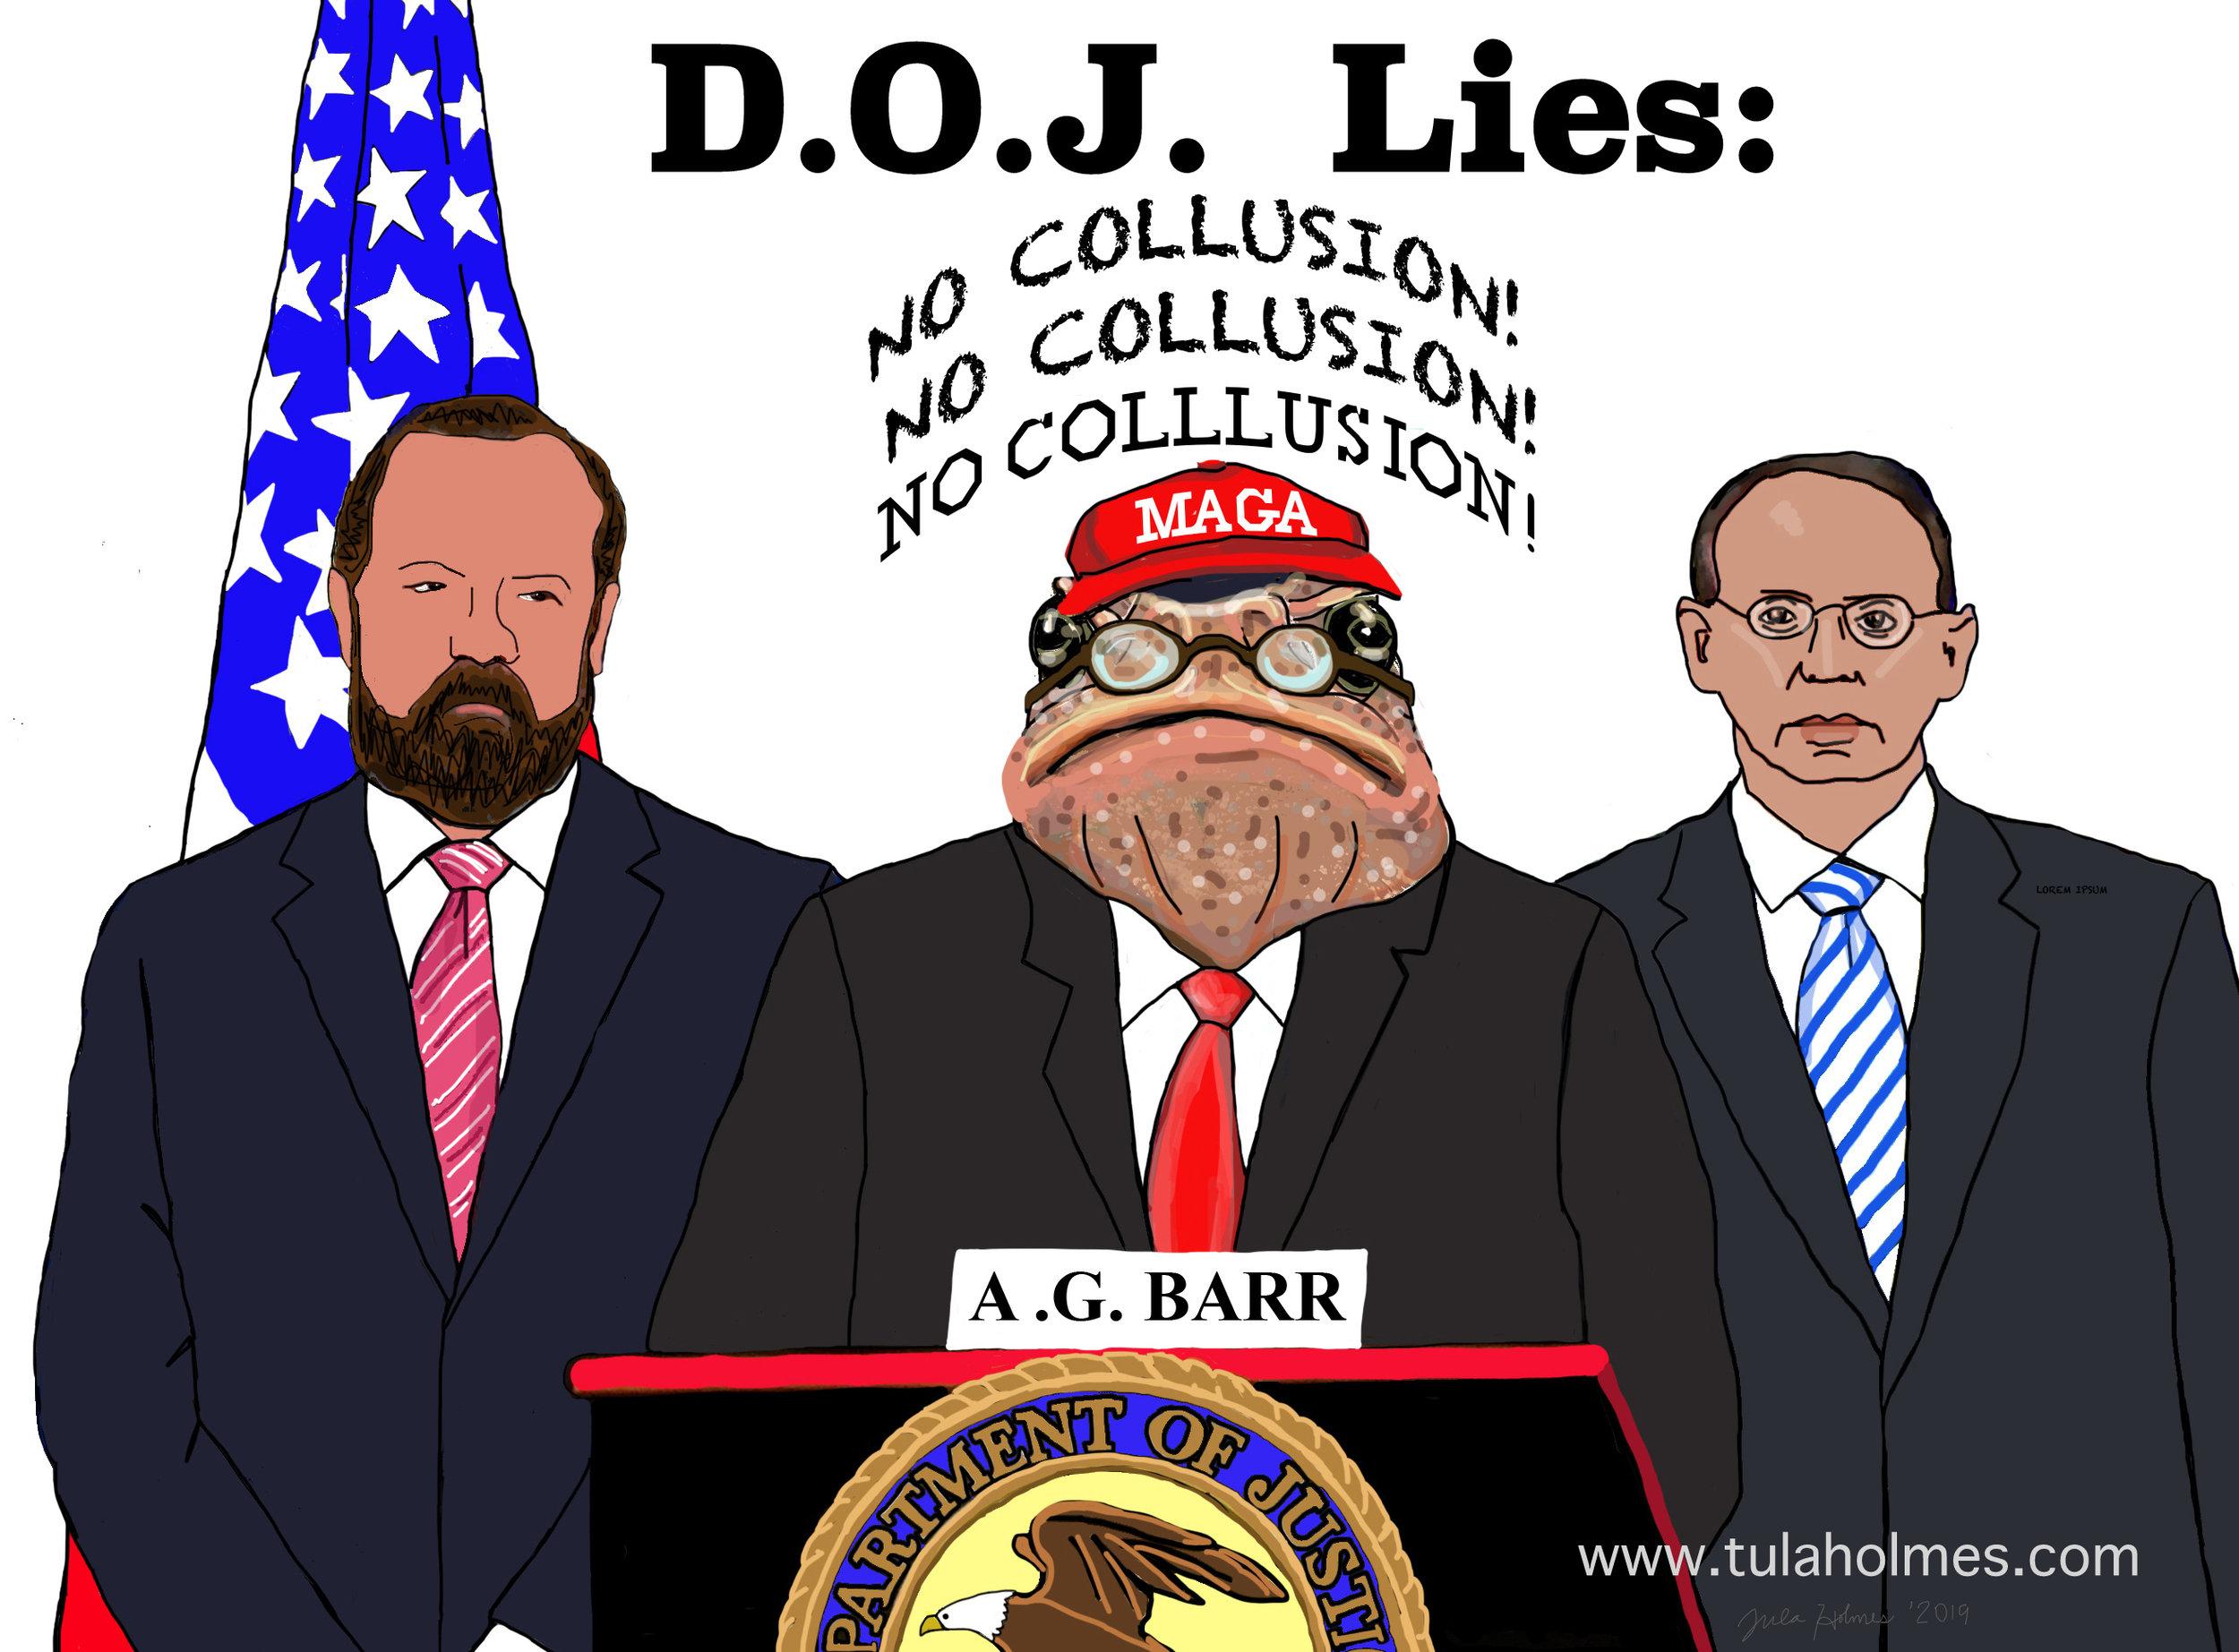 D.O.J. Lies- Copyright 2019